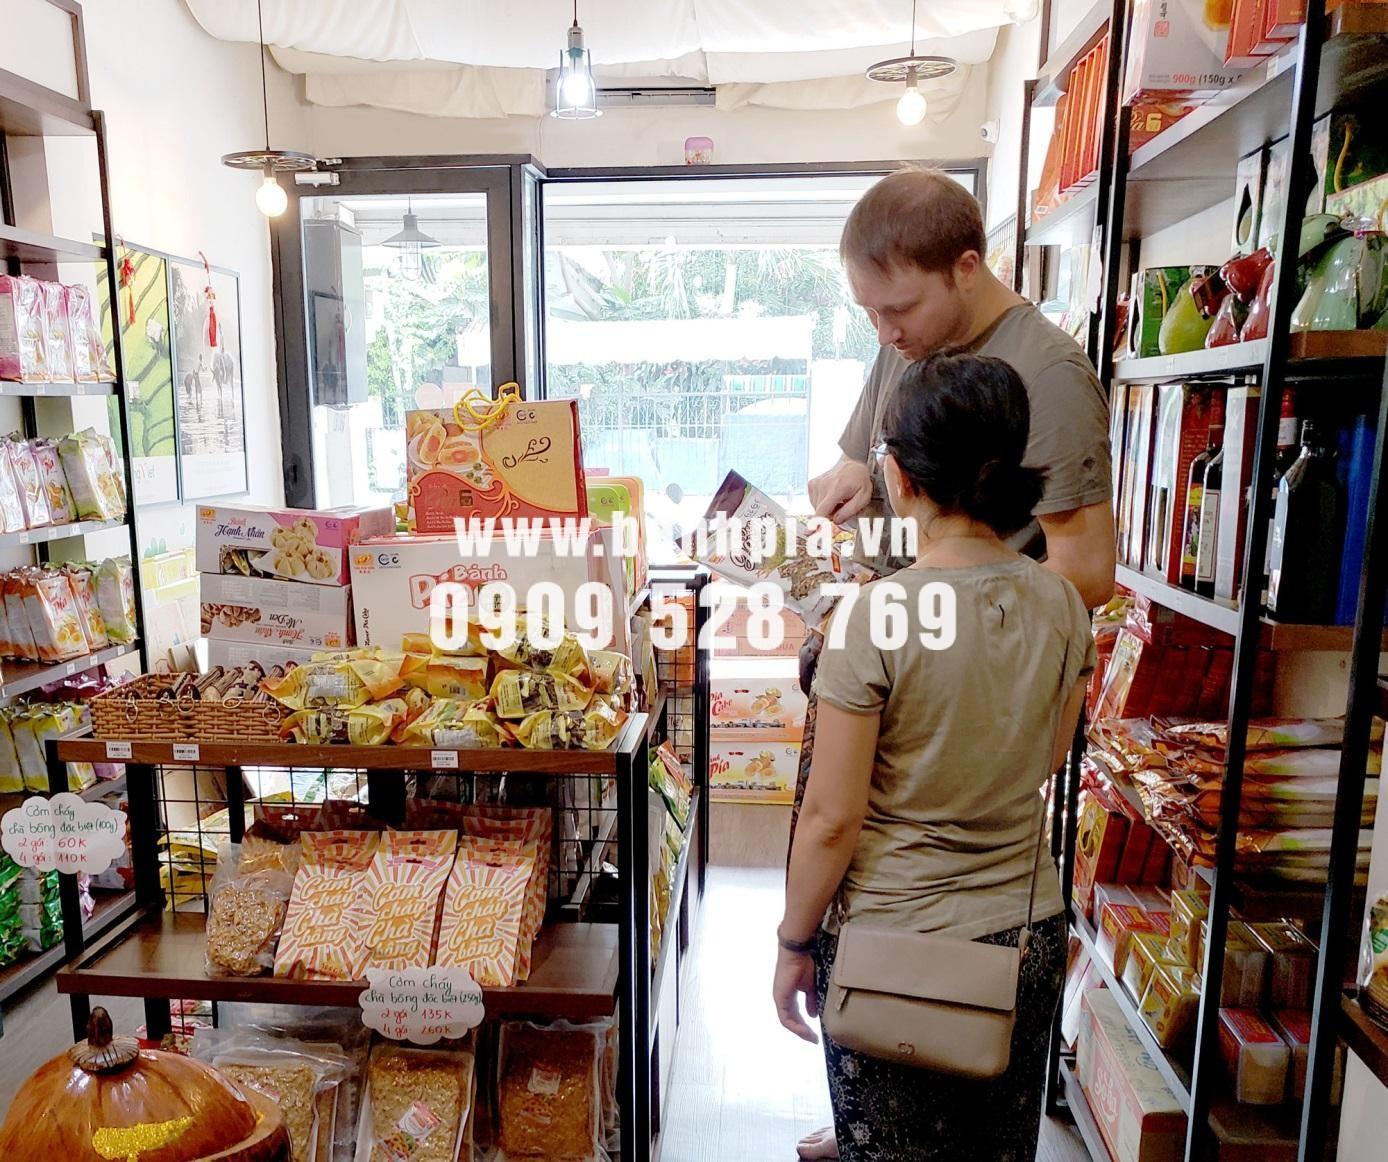 Một khách nước ngoài đang lựa chọn đặc sản tại cửa hàng Hương Việt